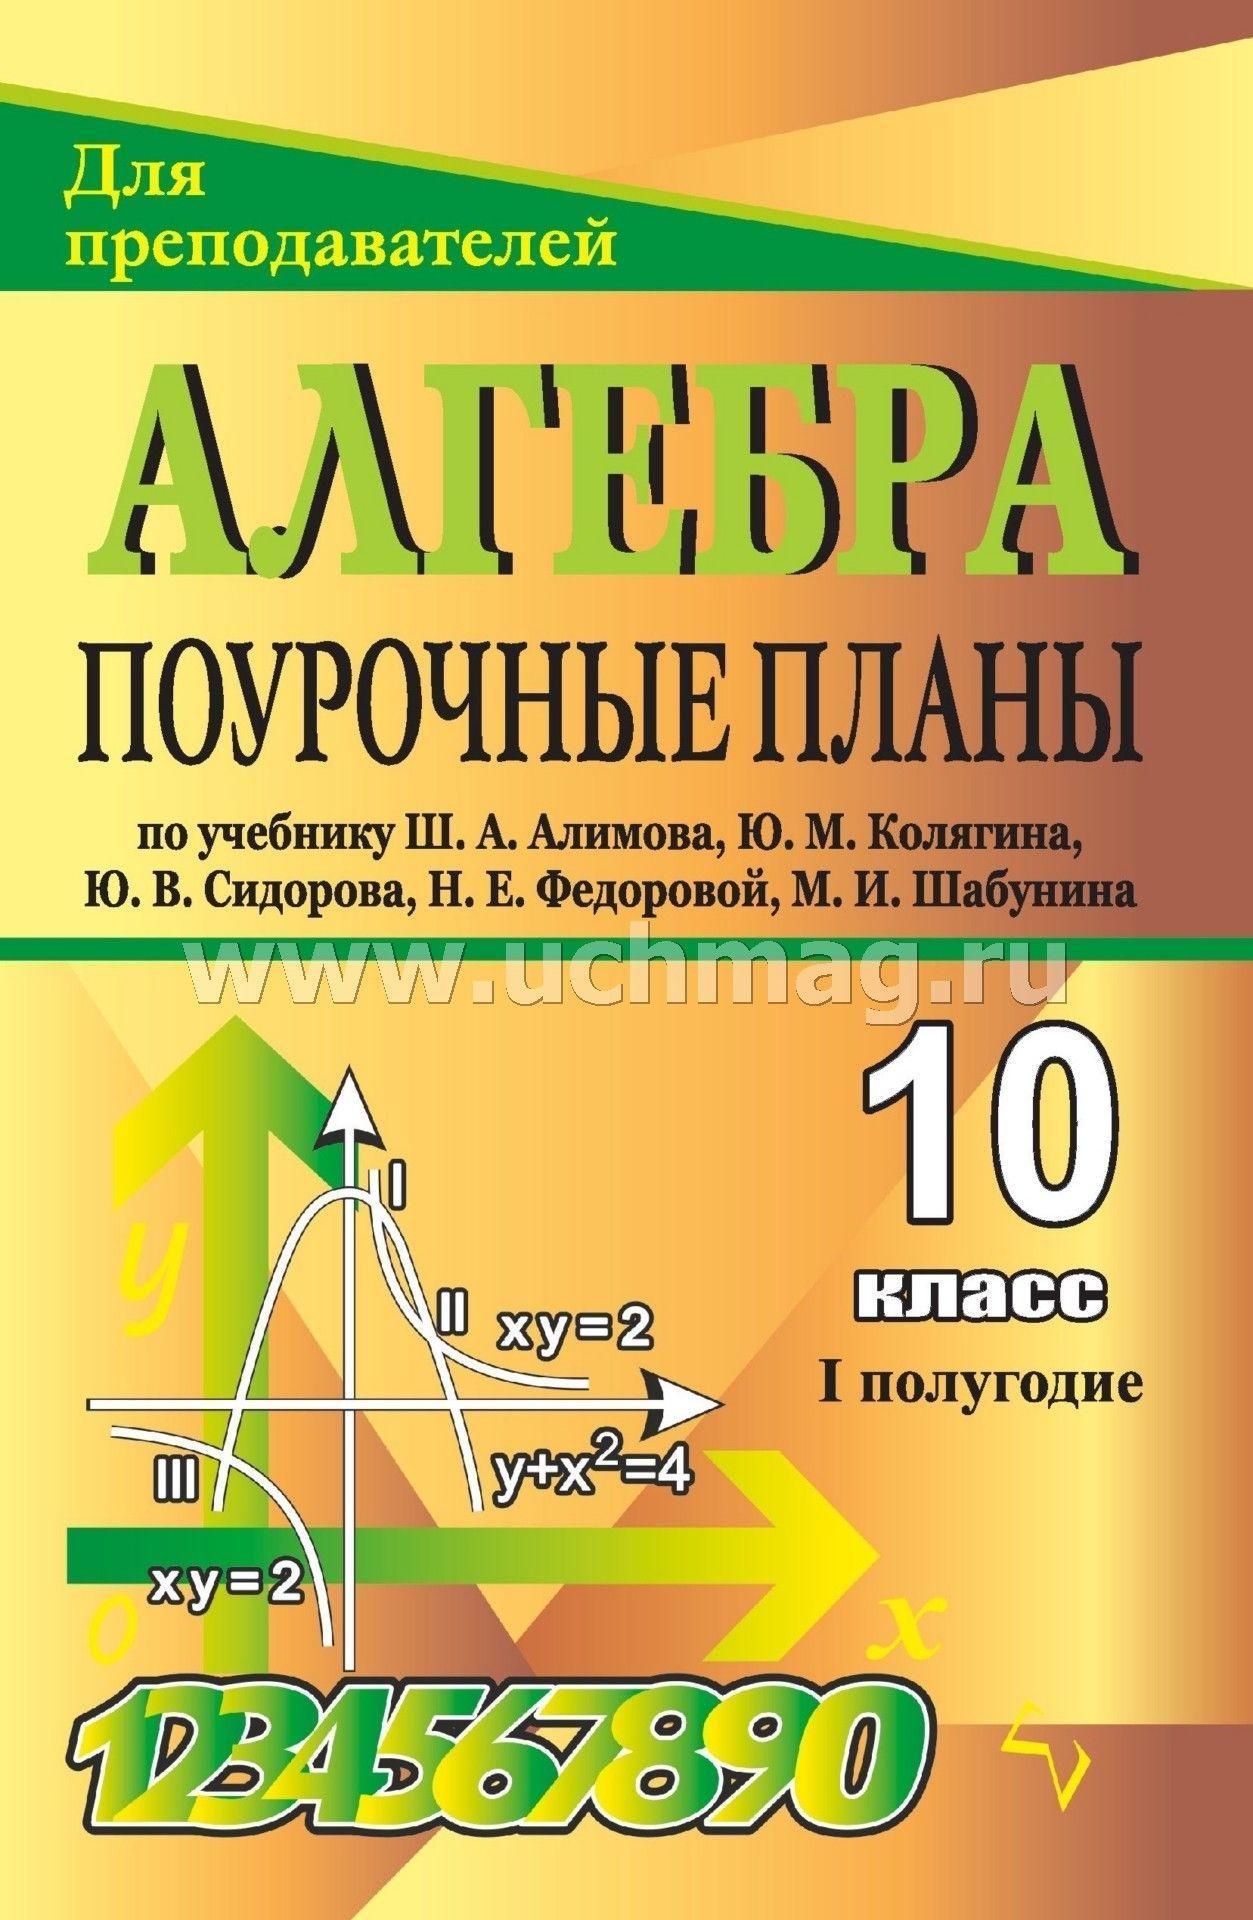 Поурочные разработки по русскому языку 7 класс баранов скачать бесплатно